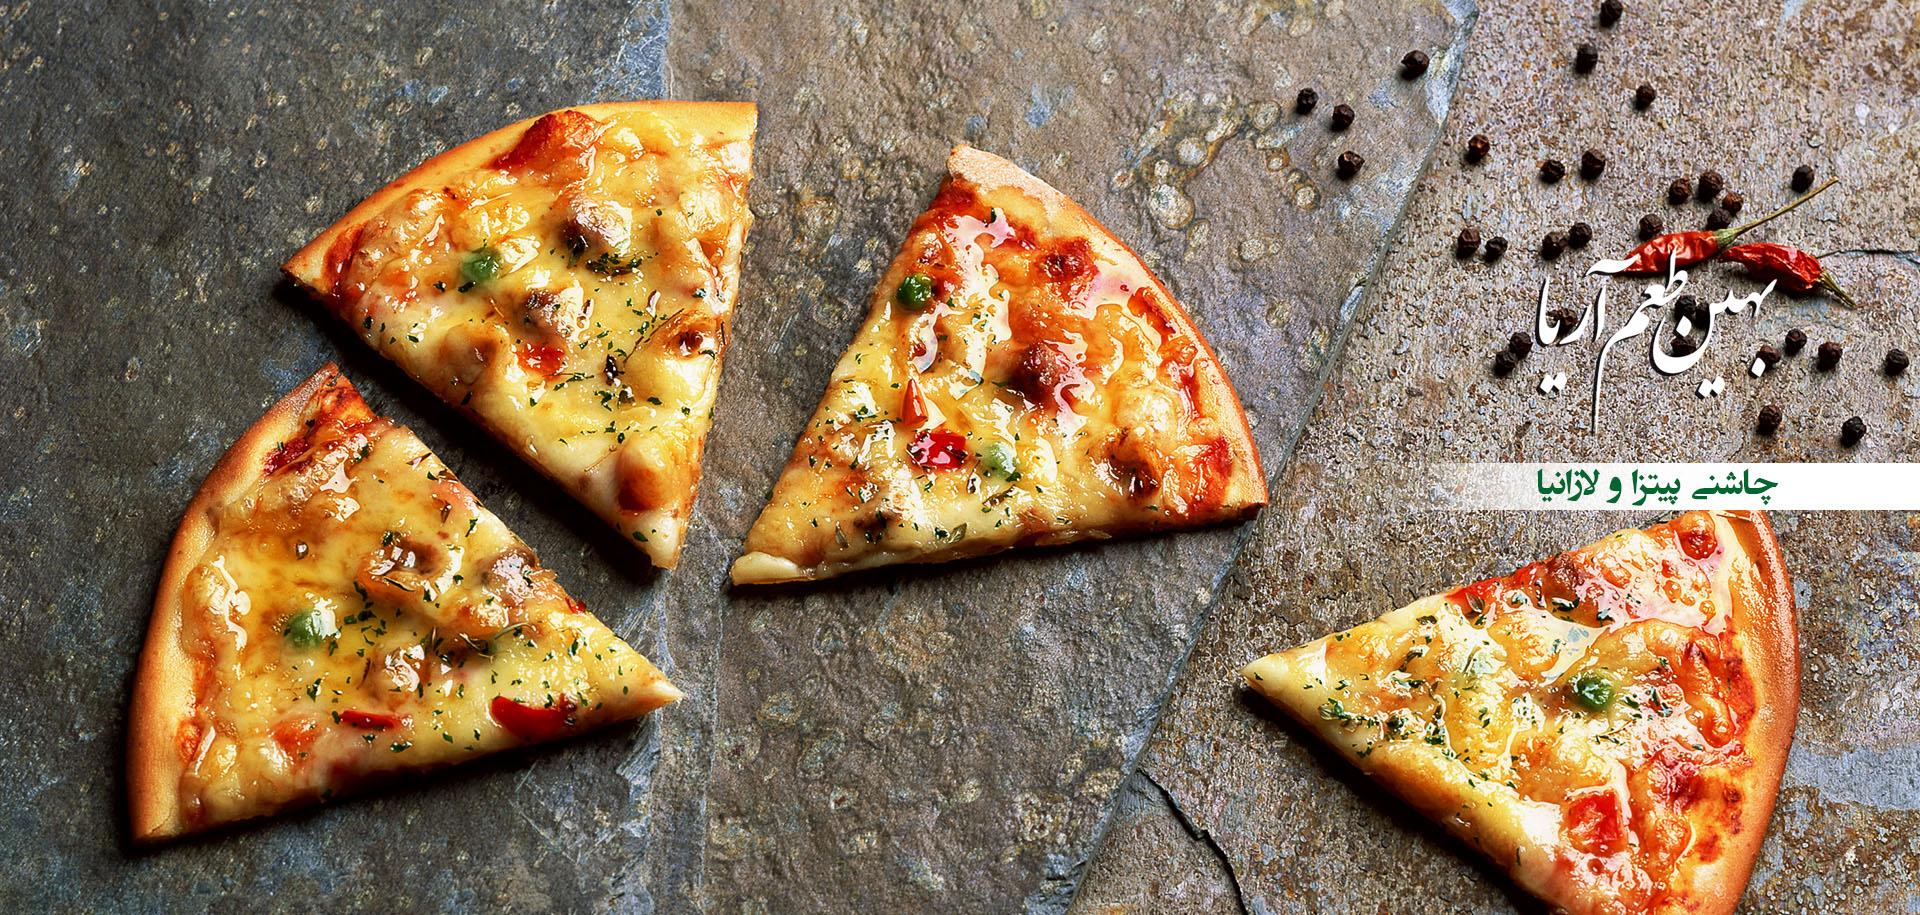 ادویه پیتزا و لازانیا